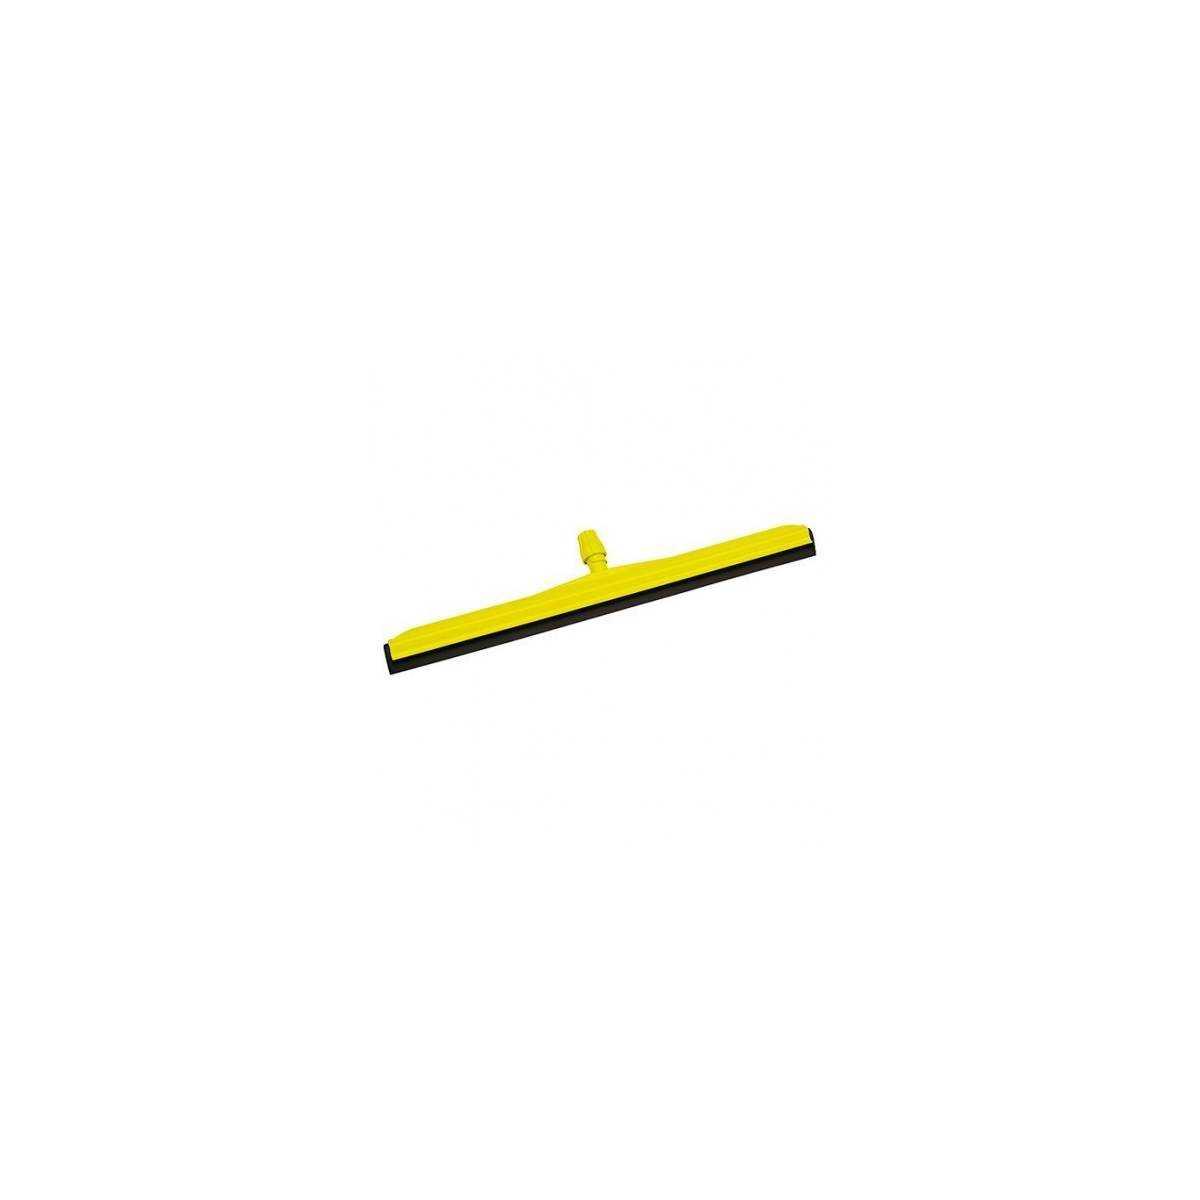 Скребок для сгона воды с пола полипропиленовый 75см (Желтого цвета) 00008678 TTS